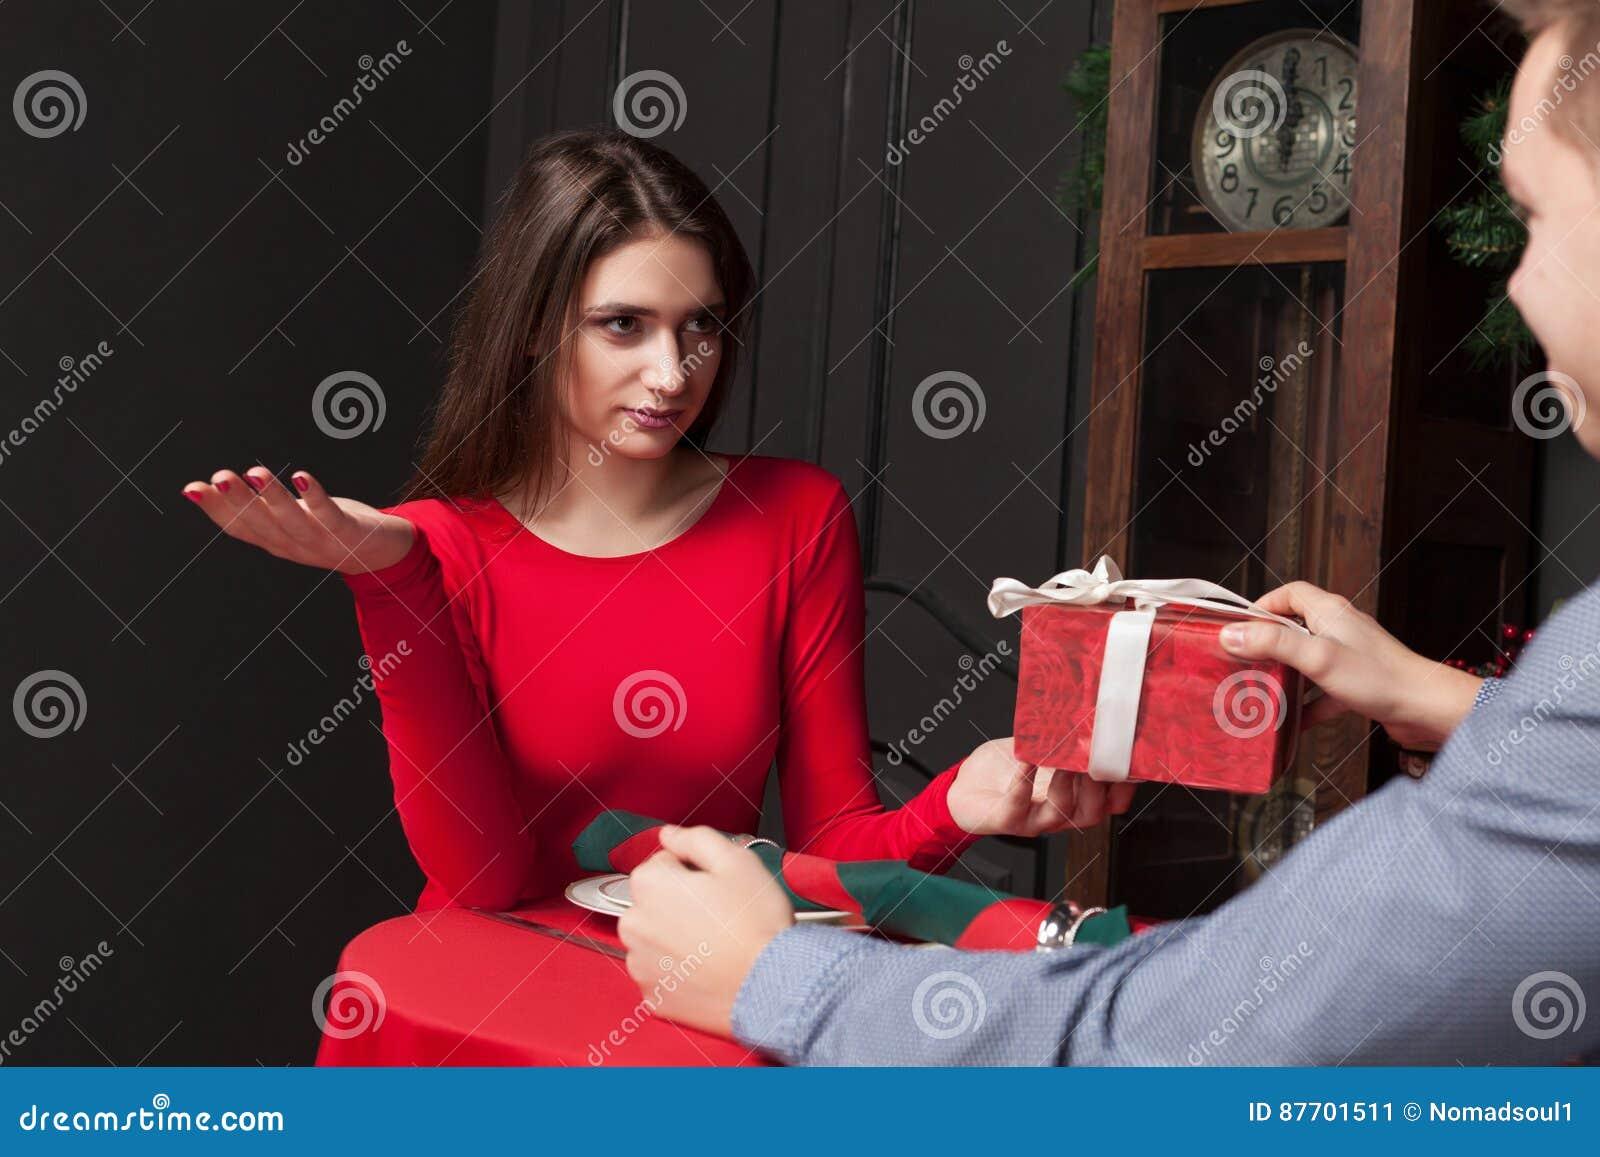 Datazione di una ragazza timido Consiglio